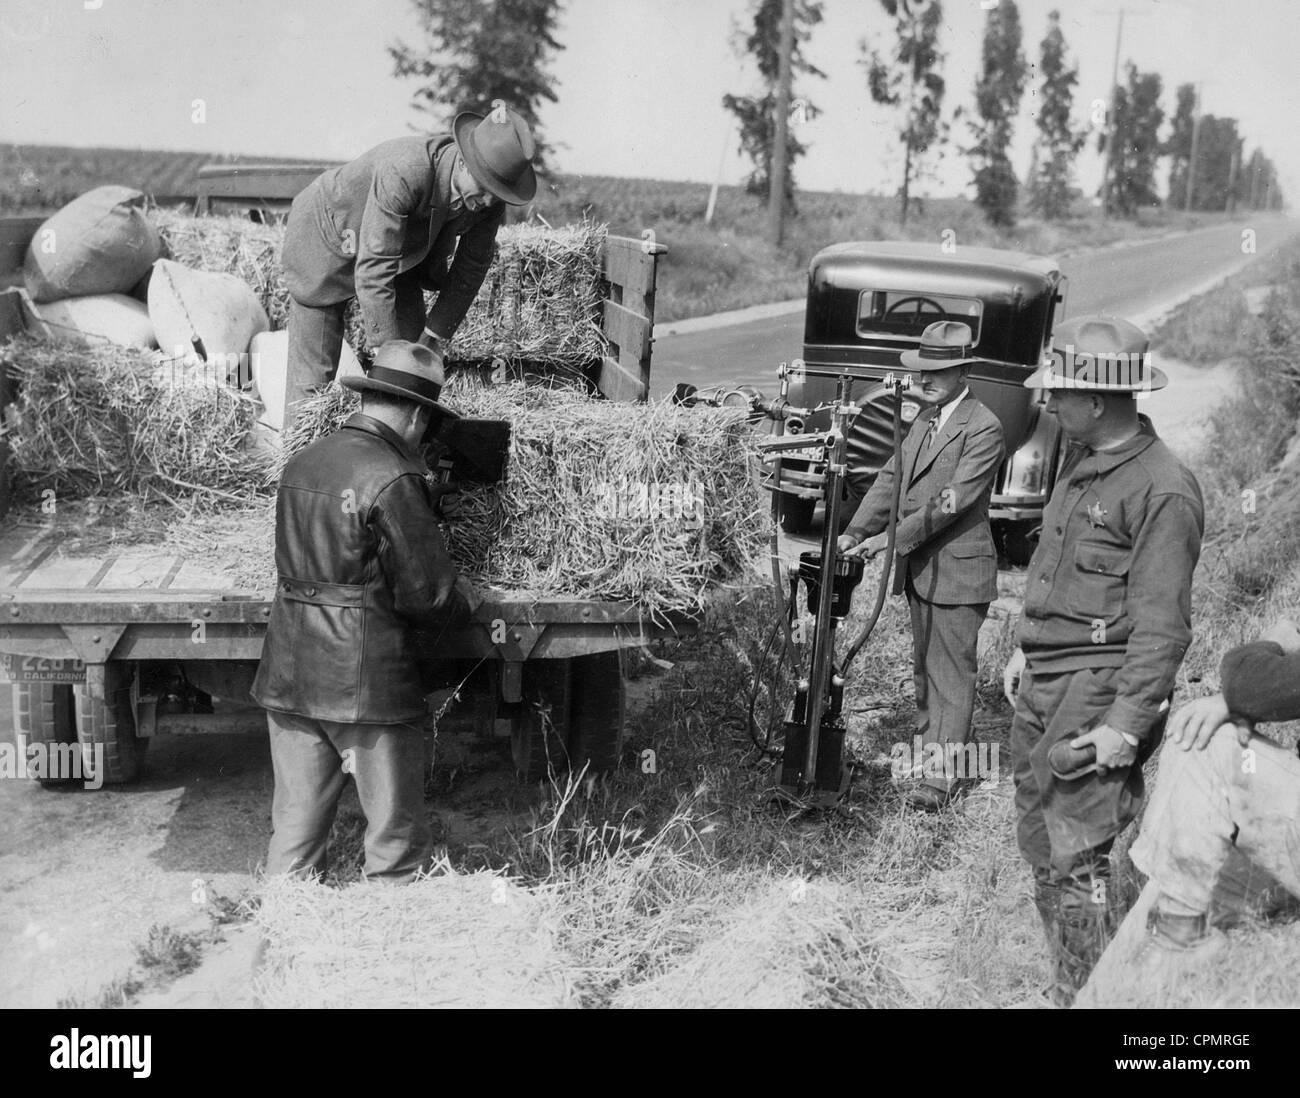 Suche eines LKW an die Zeit der Prohibition in den Vereinigten Staaten, 1927 Stockbild